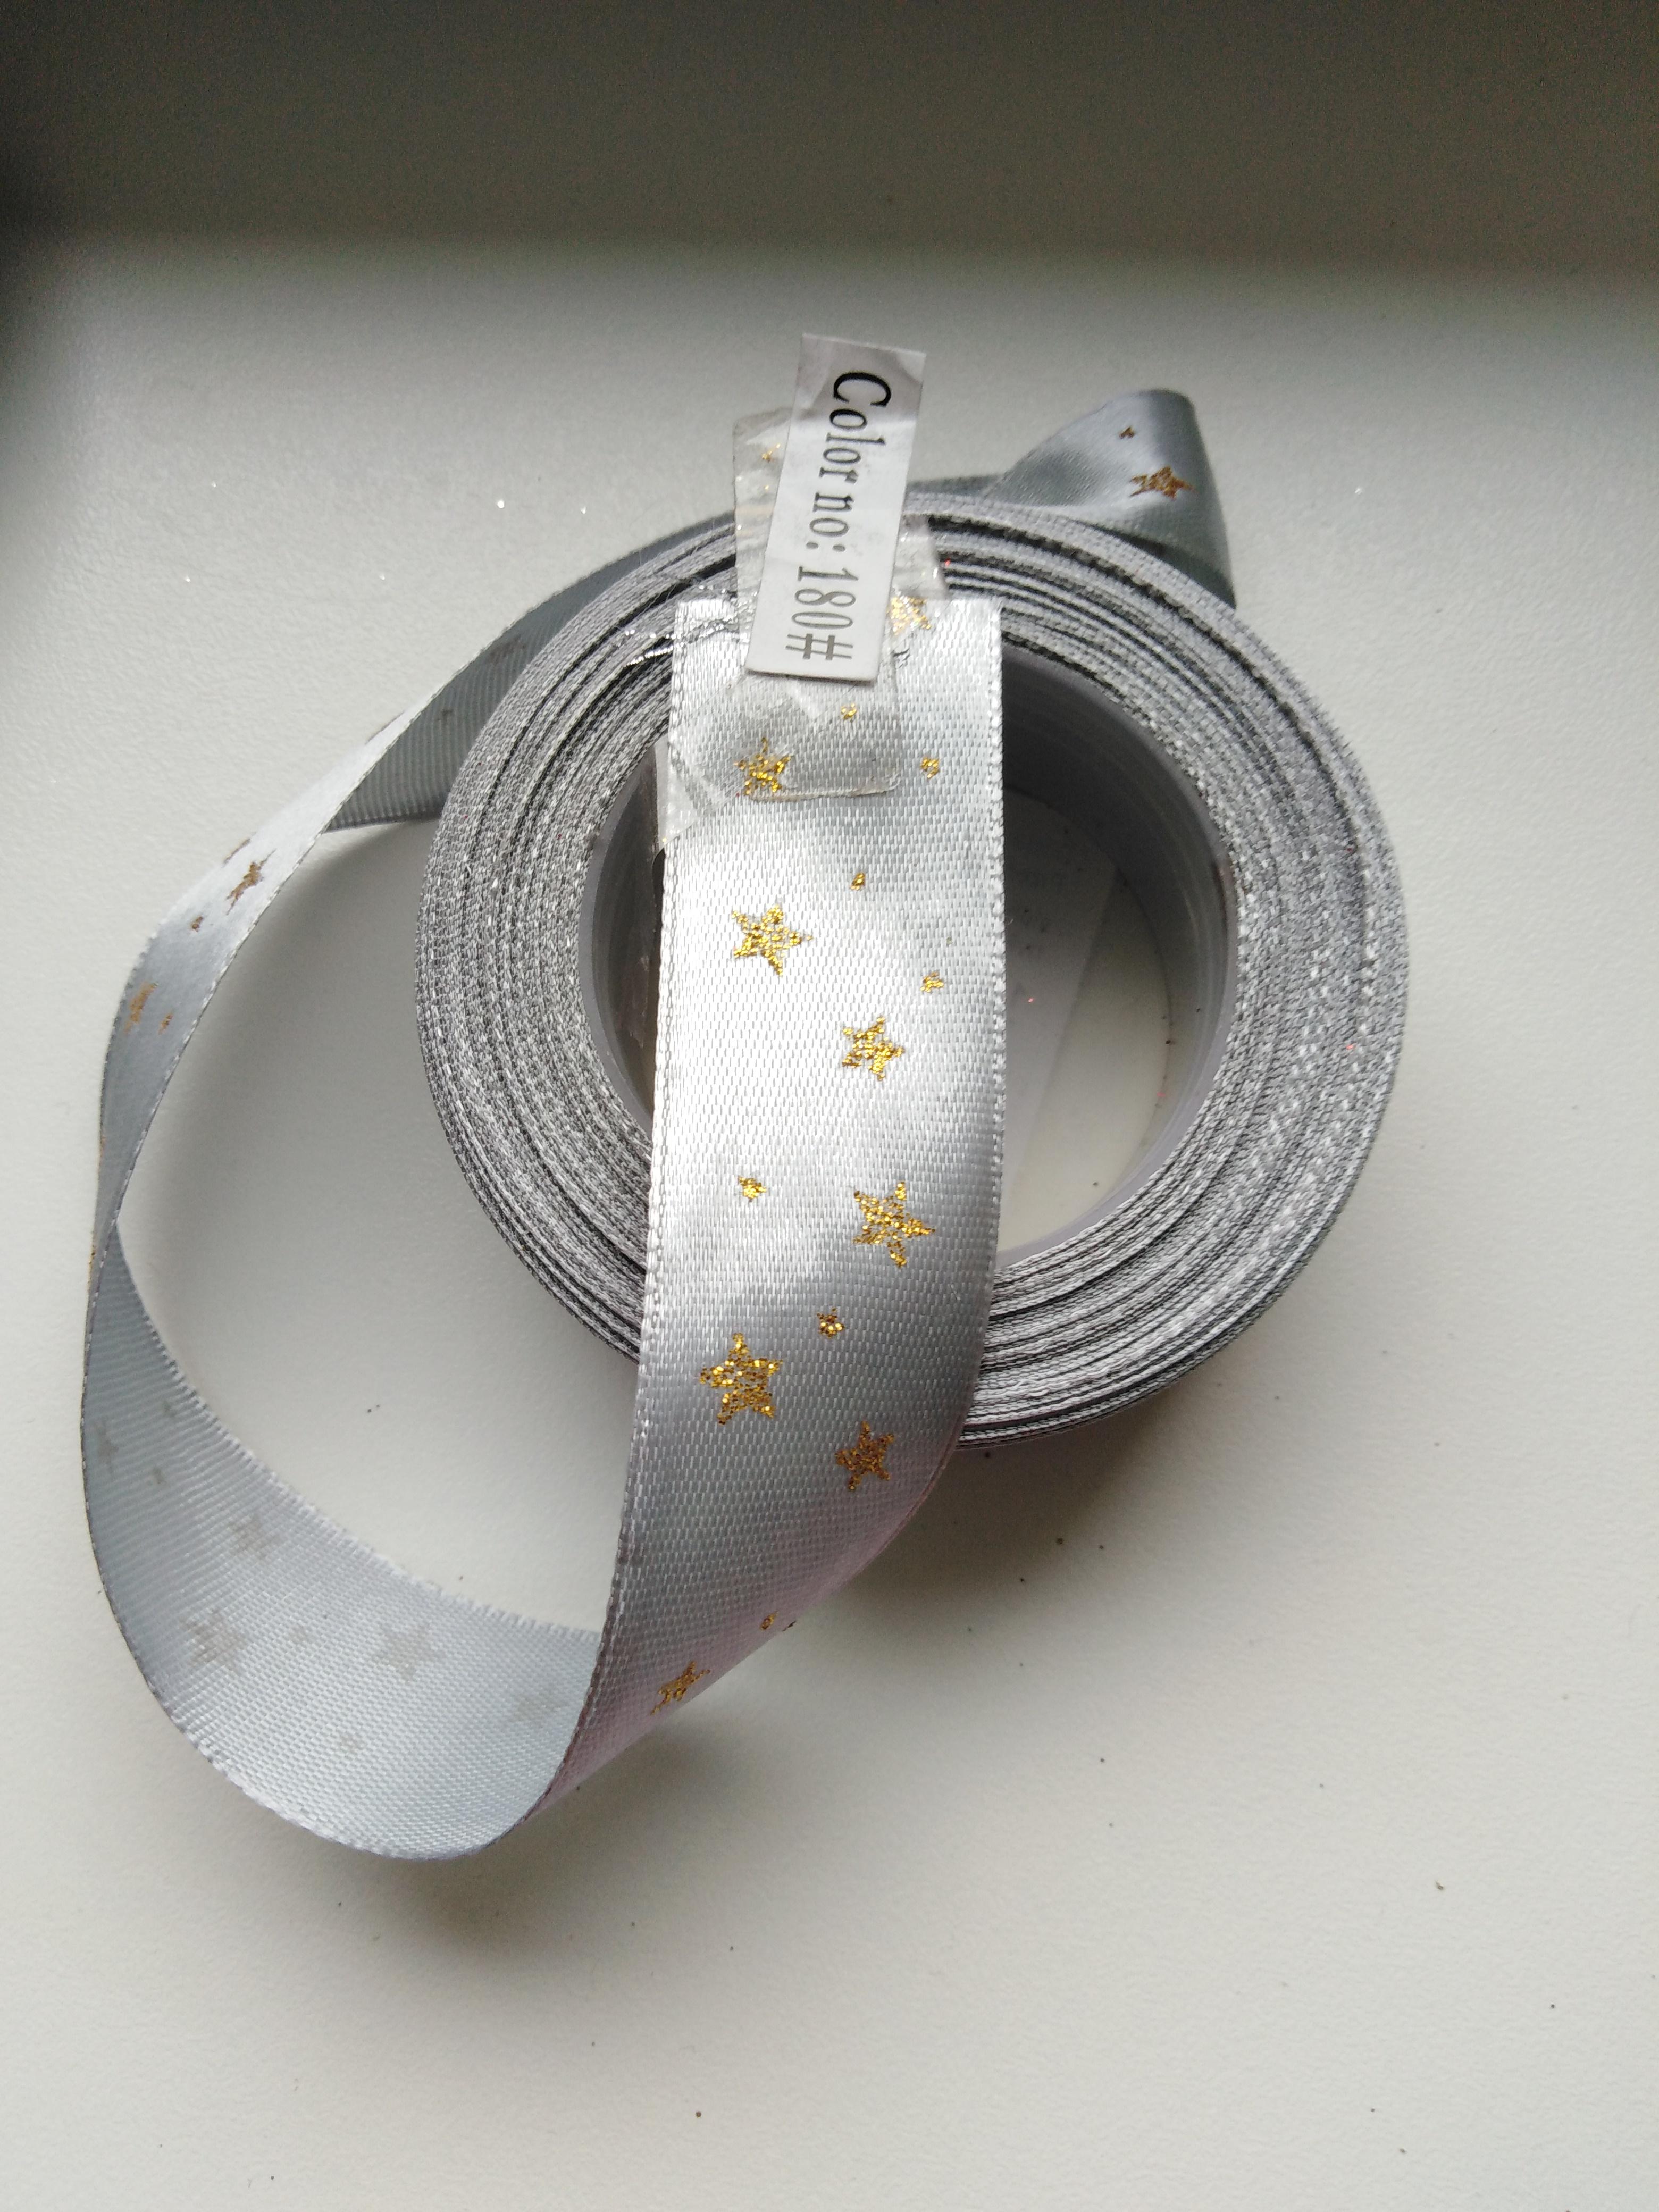 Saténová stuha tisk hvězdy 25 mm stříbřitě šedá